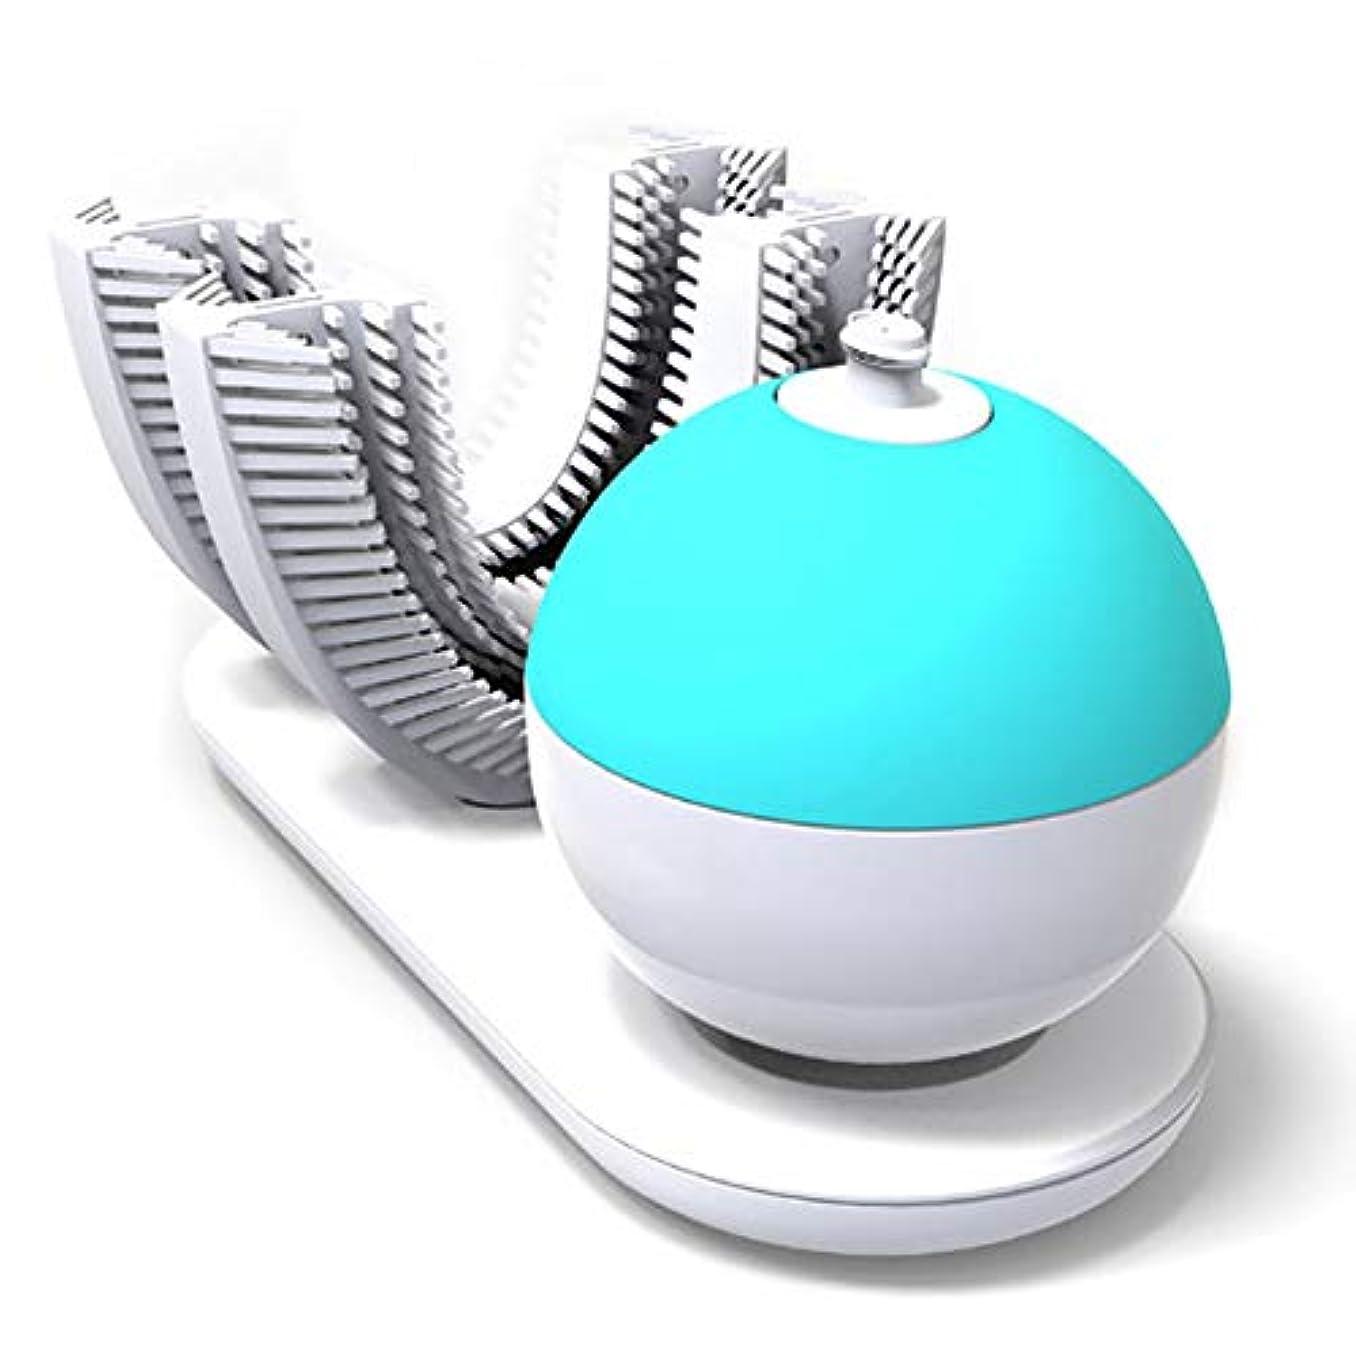 食堂すべき大学院フルオートマチック可変周波数電動歯ブラシ、自動360度U字型電動歯ブラシ、ワイヤレス充電IPX7防水自動歯ブラシ(大人用)